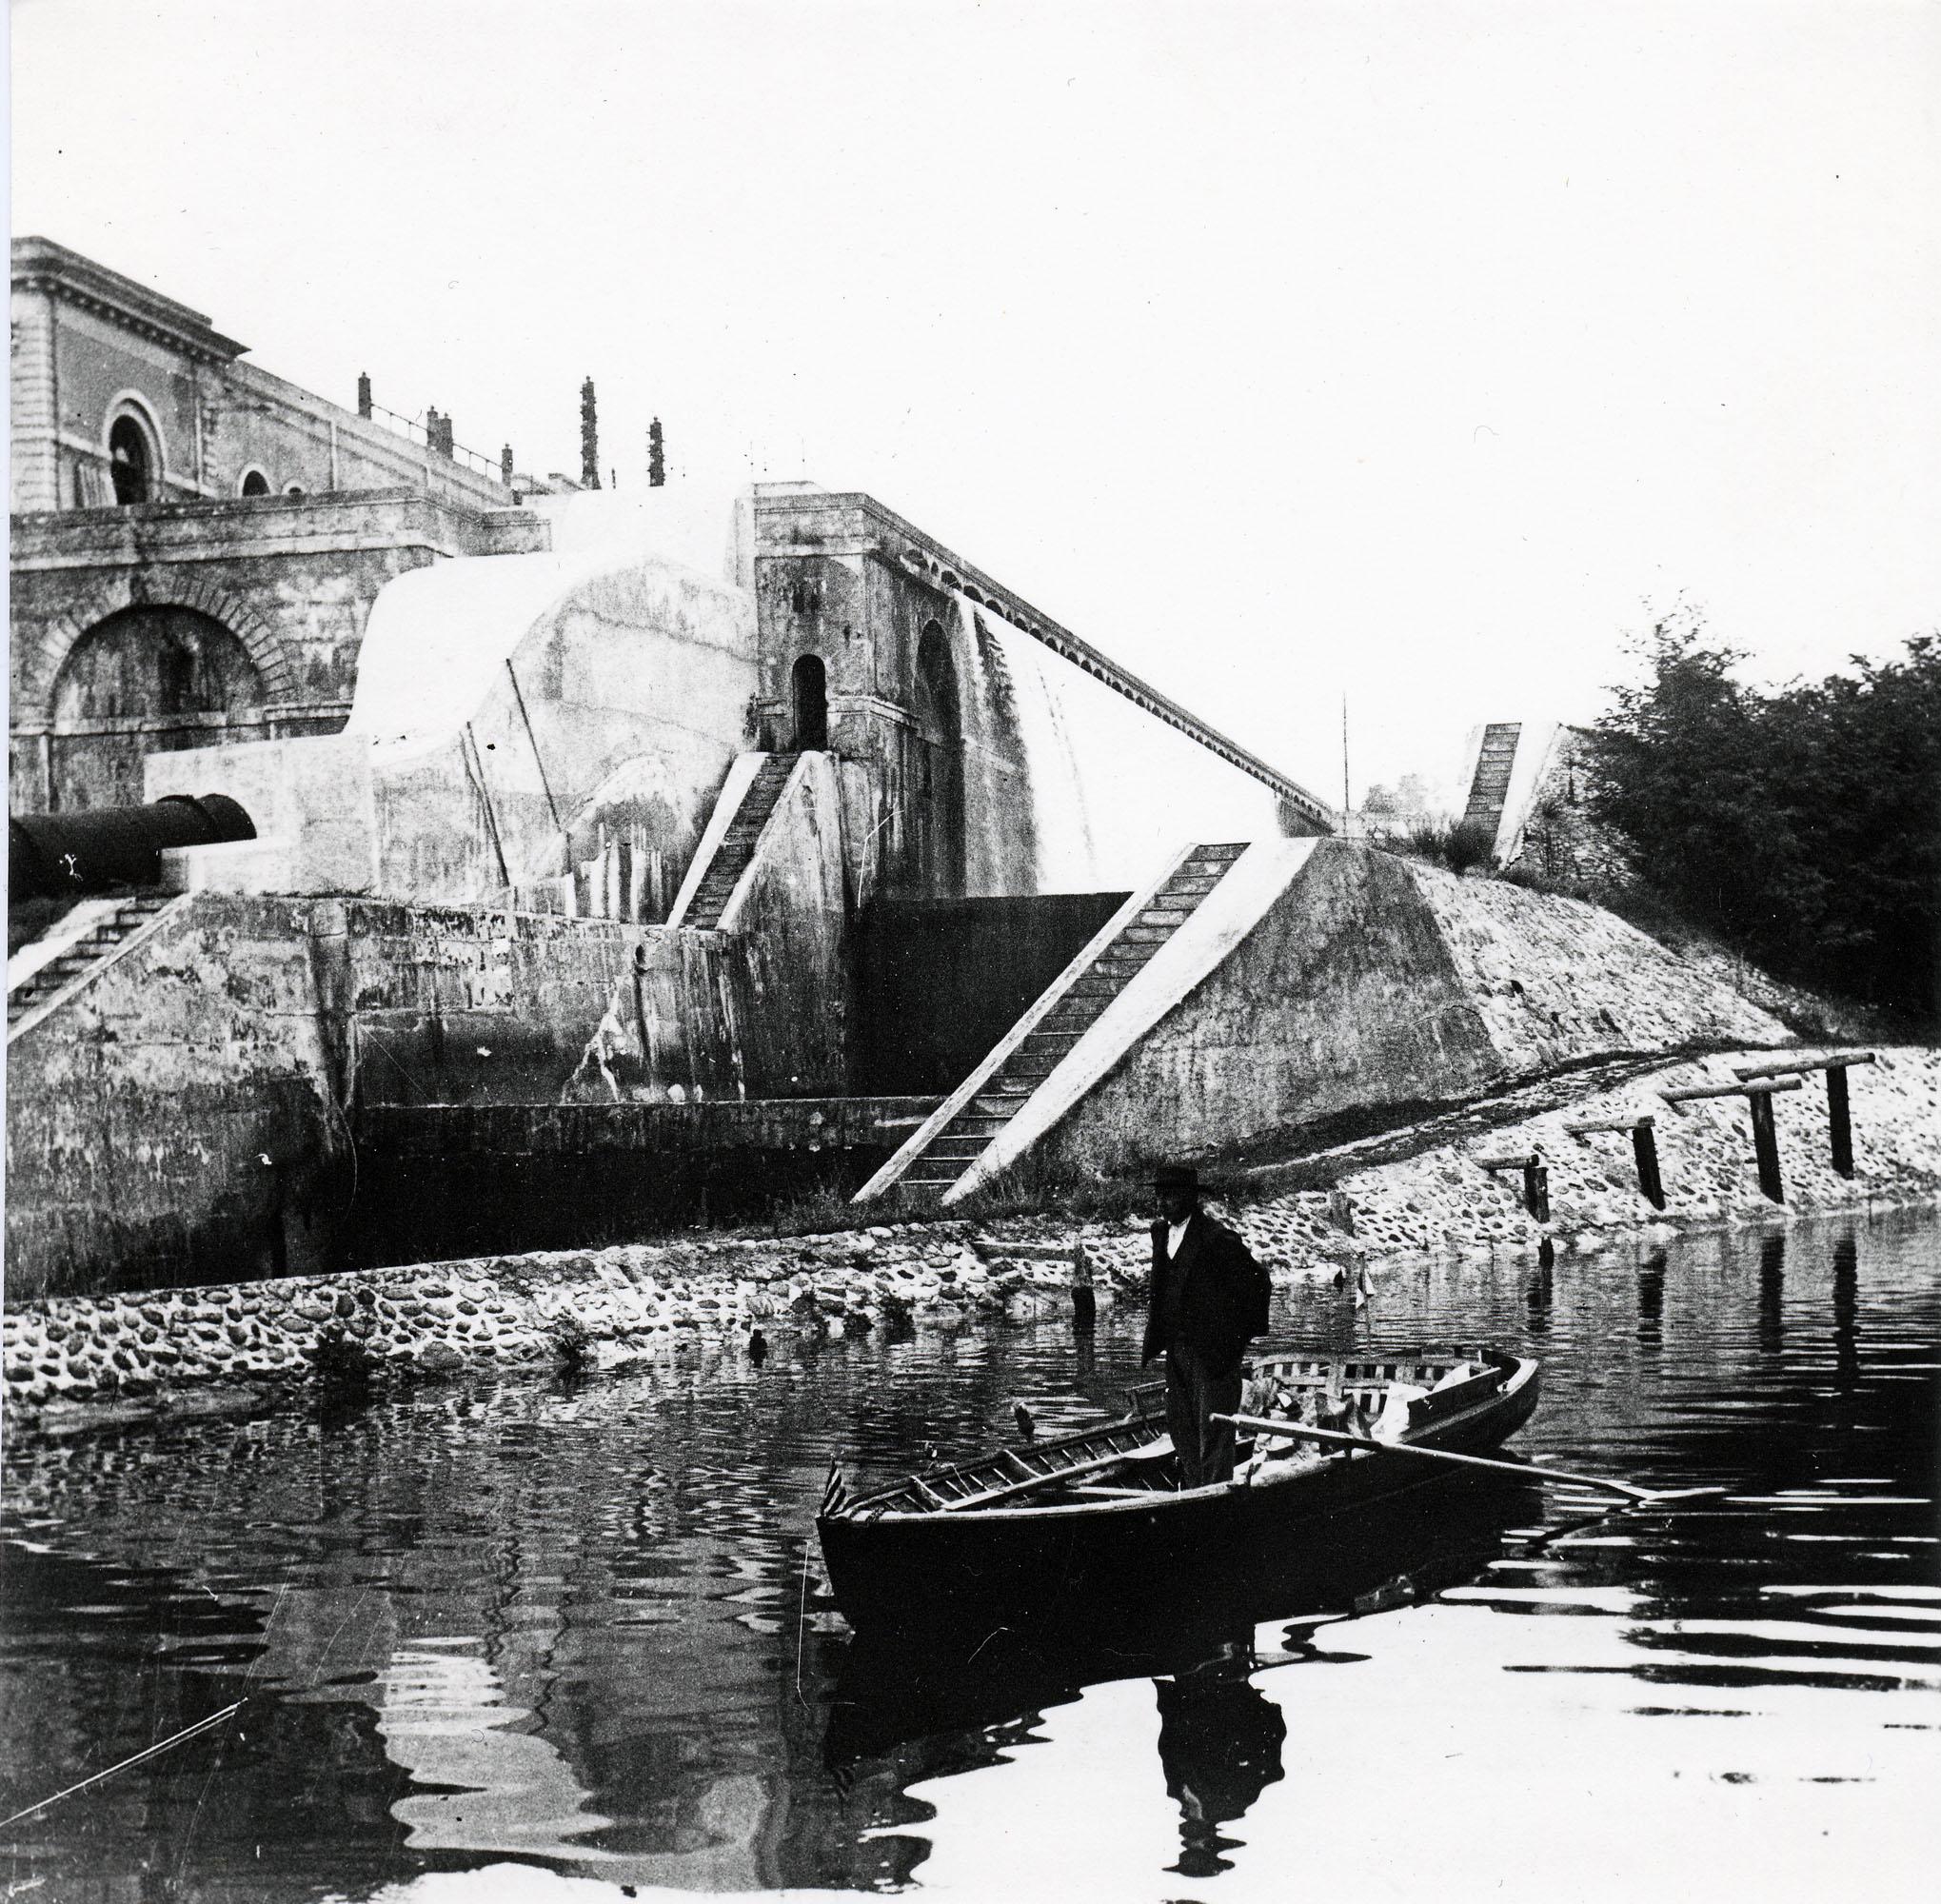 07 - Il Naviglio entra a Pavia © Archivio fotografico Arnaldo Chierichetti